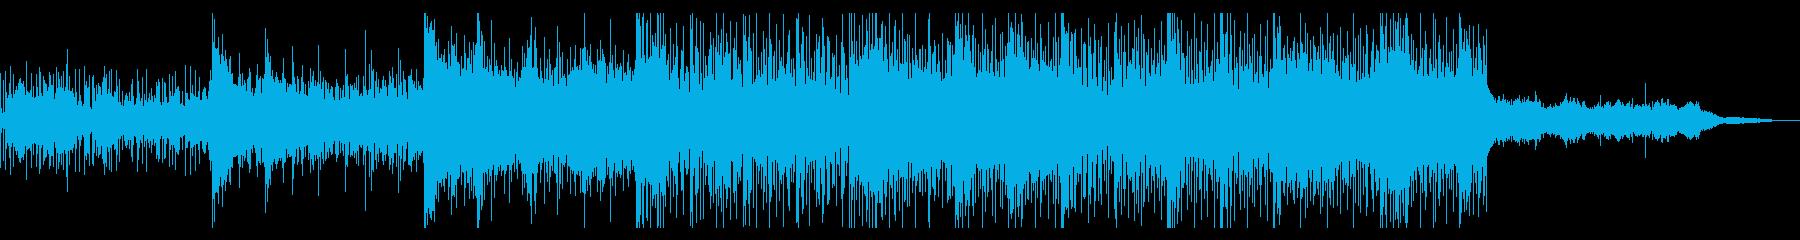 エスニックなホラーテクスチャの再生済みの波形